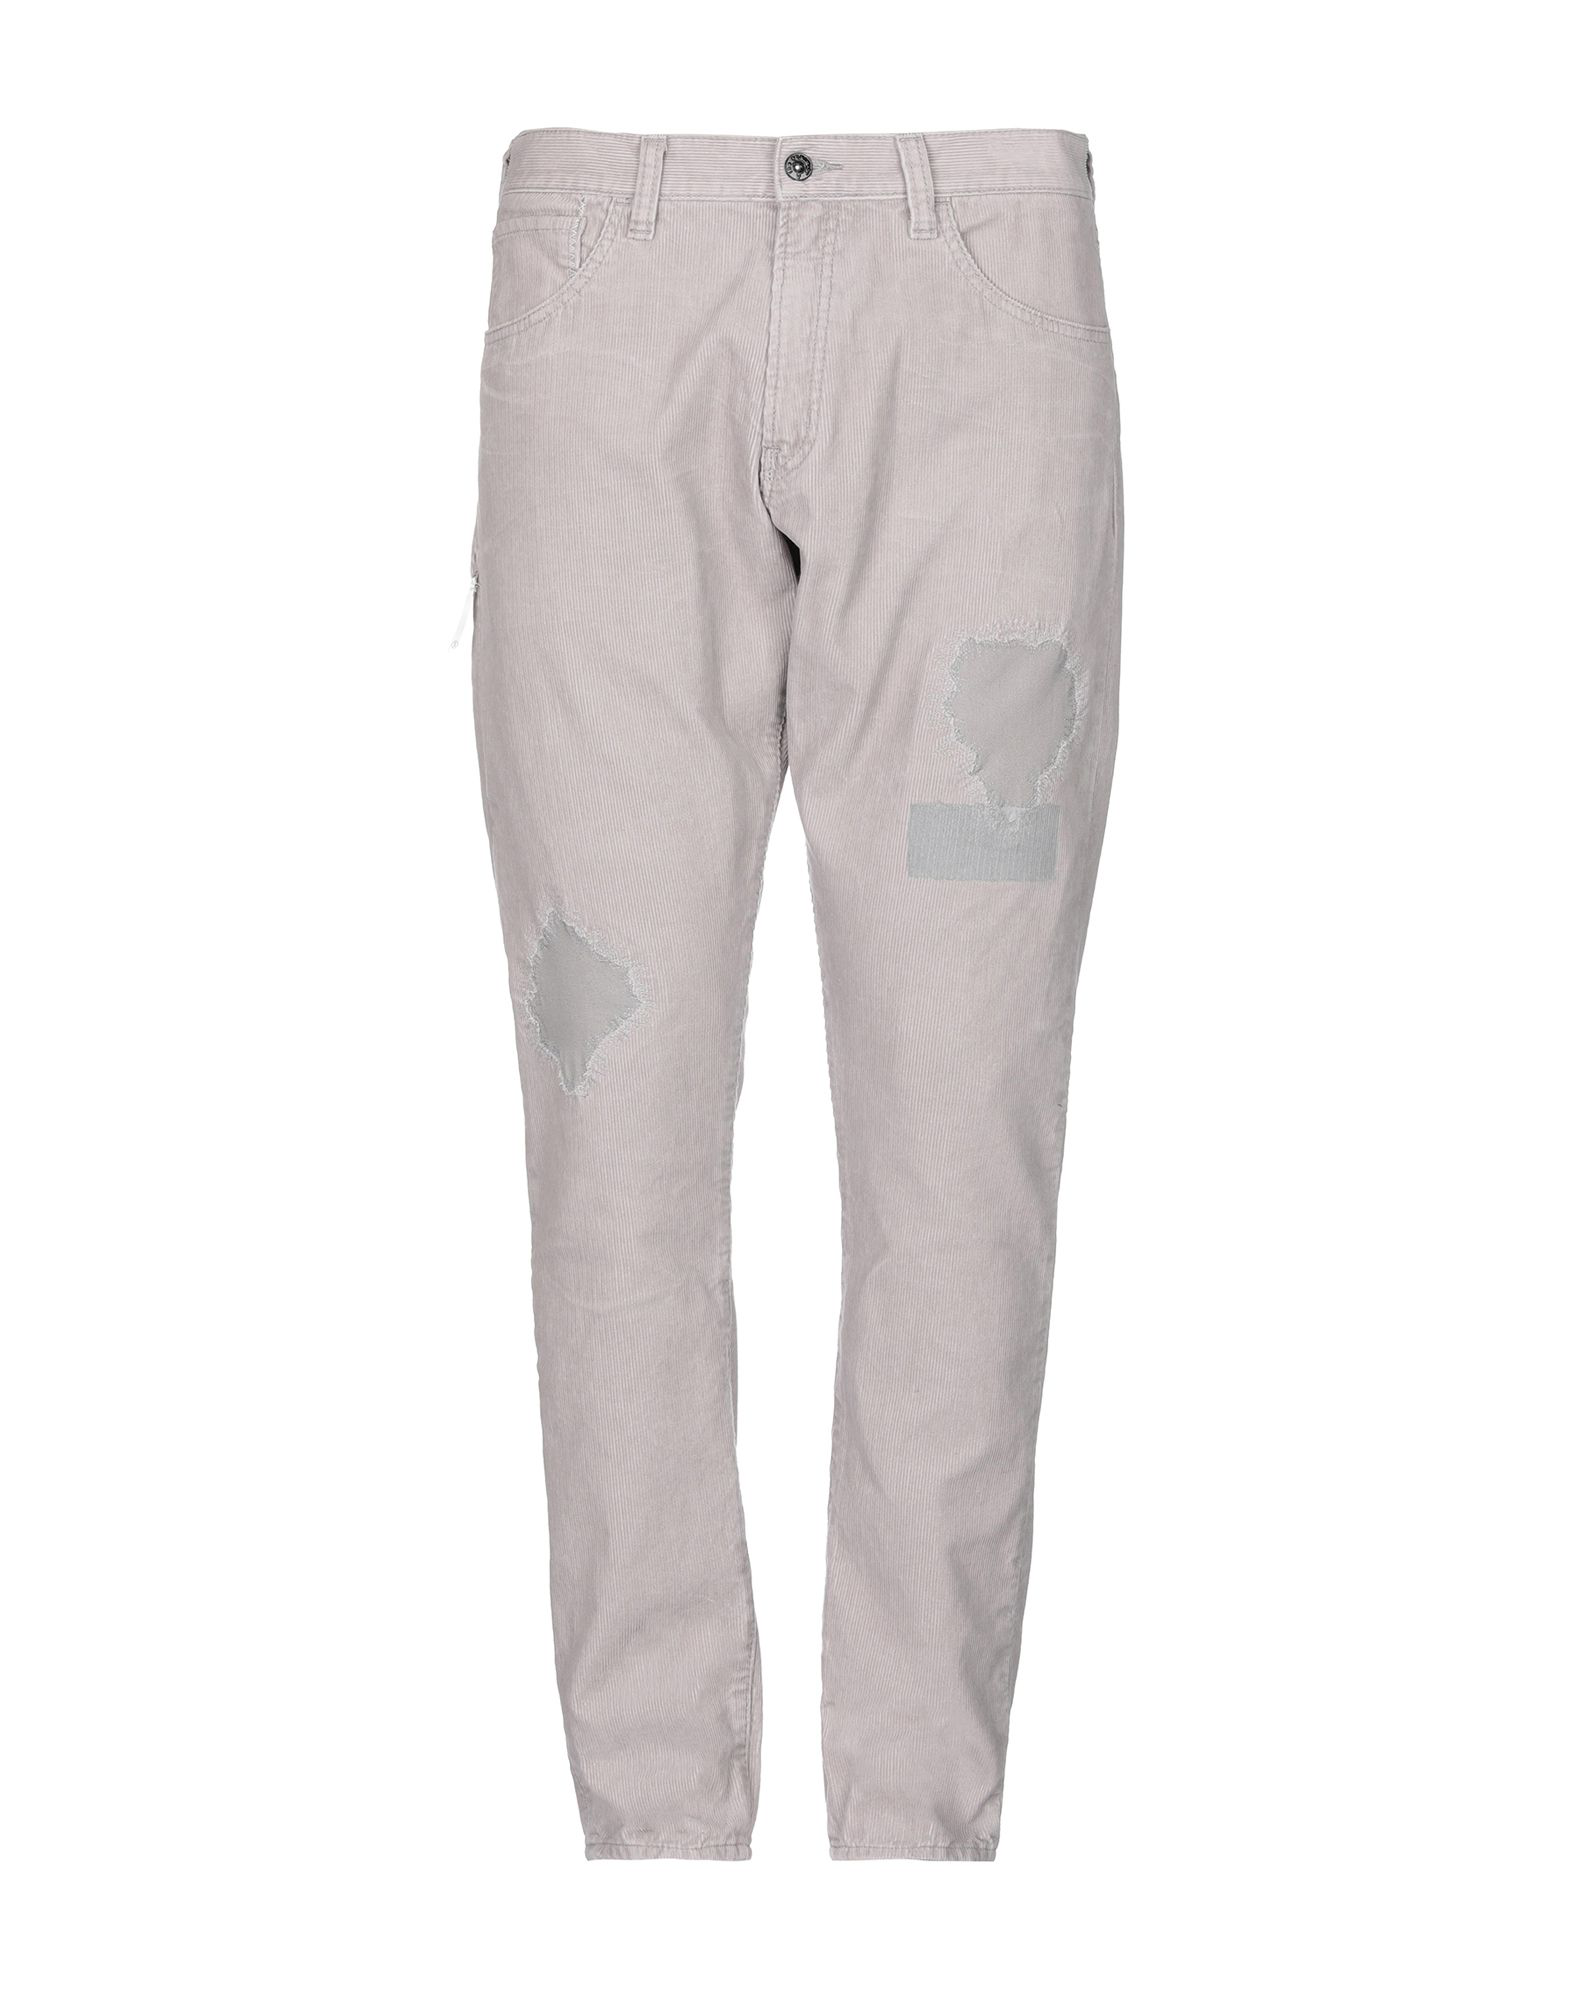 Vanquish 5-pocket In Dove Grey